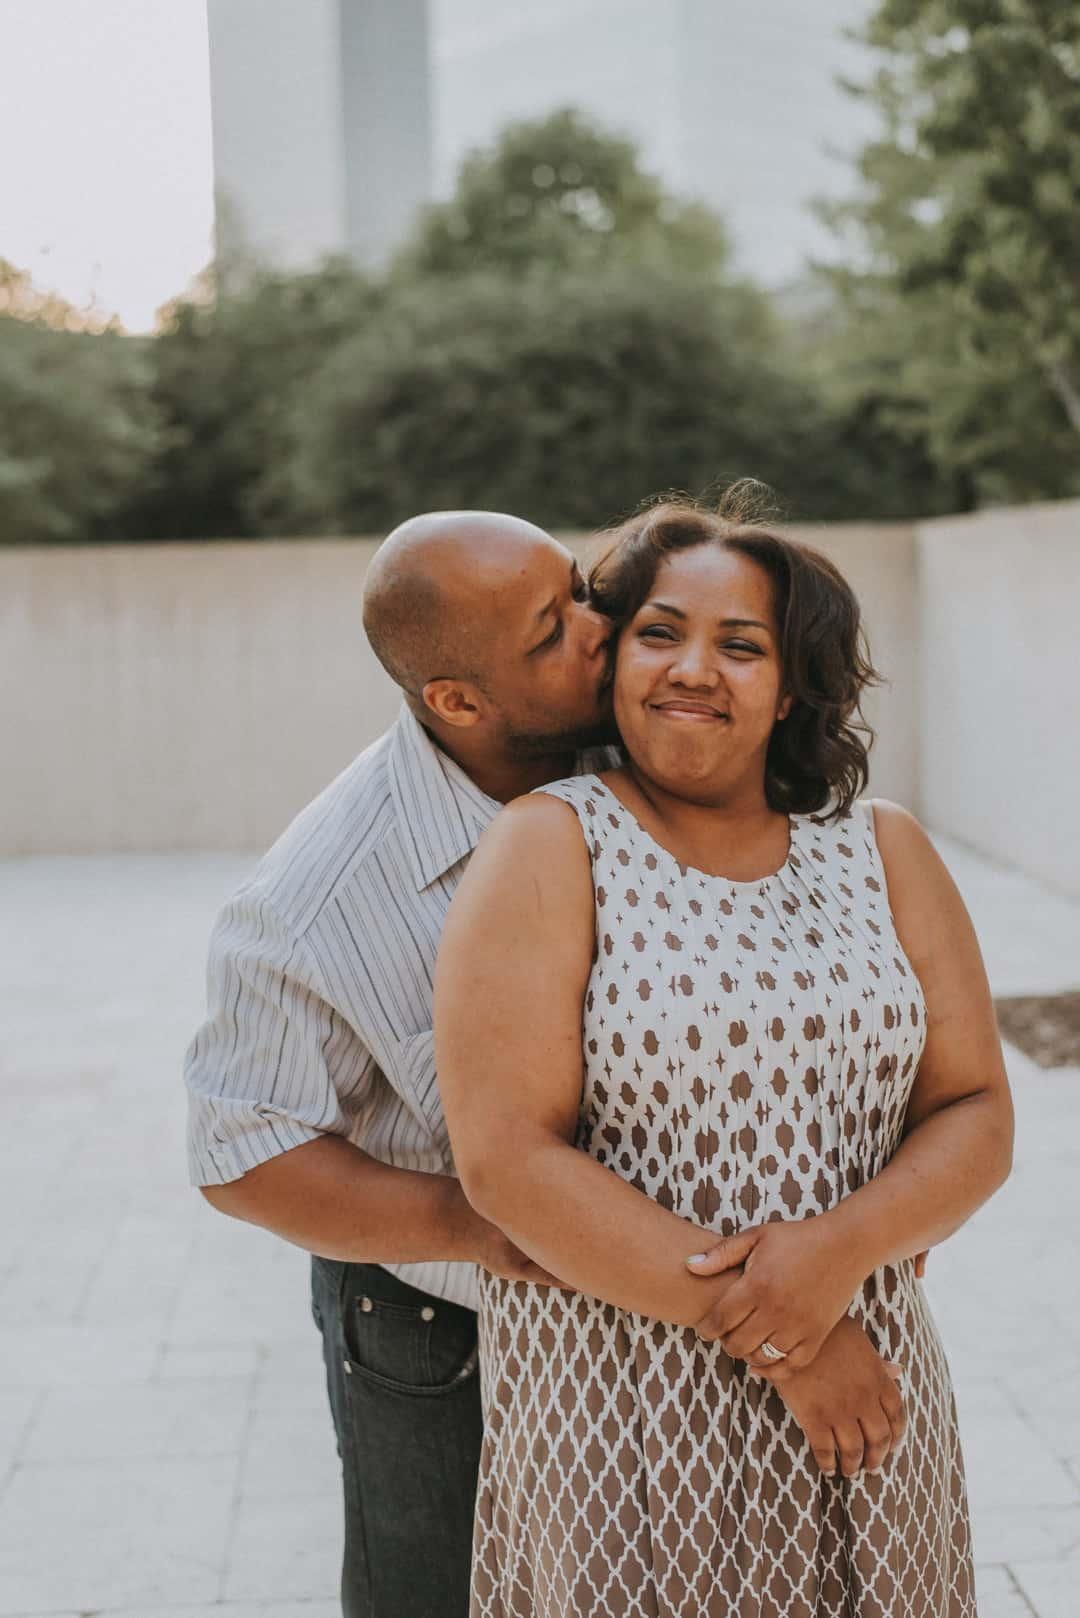 Big Rapids dating Dating vooruitzichten xkcd